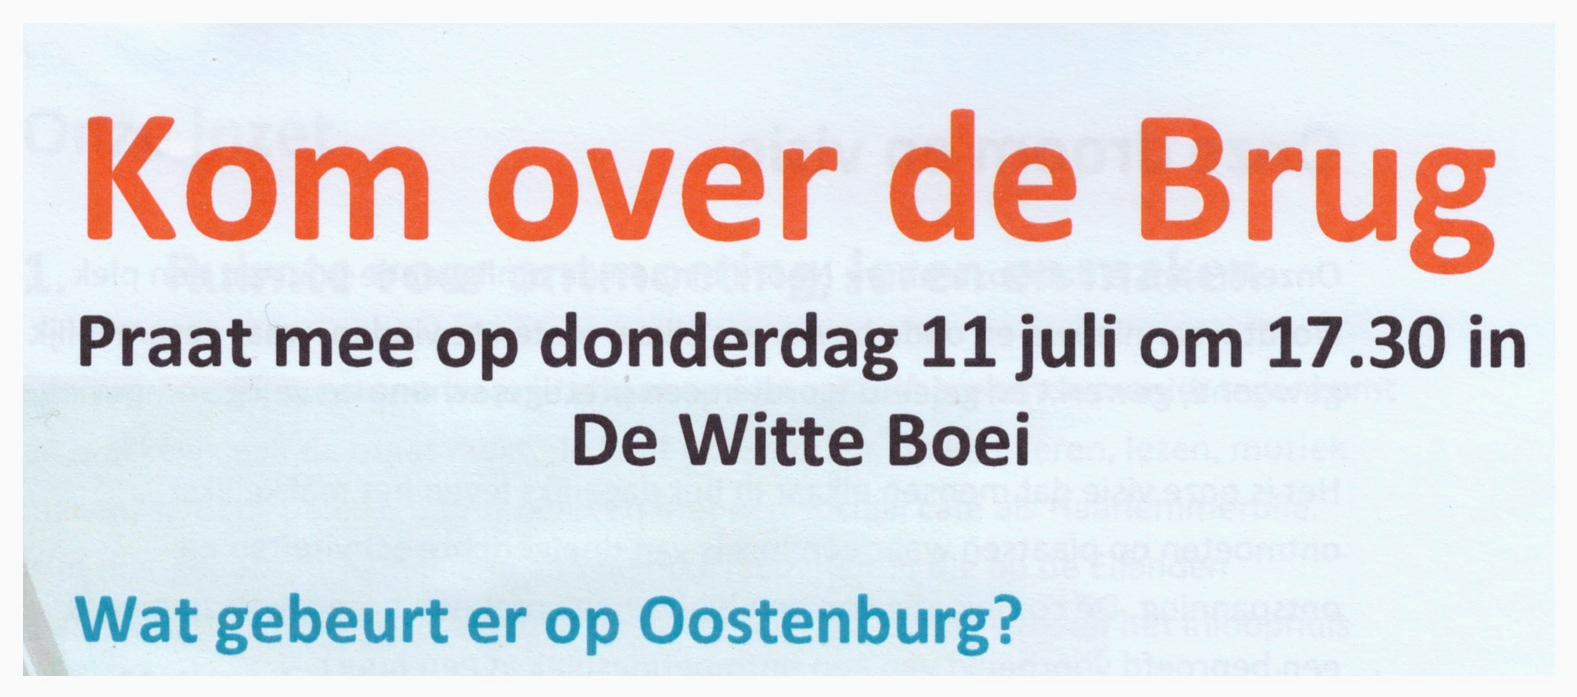 05 Oostenburg Noord Kom over de Brug.jpg